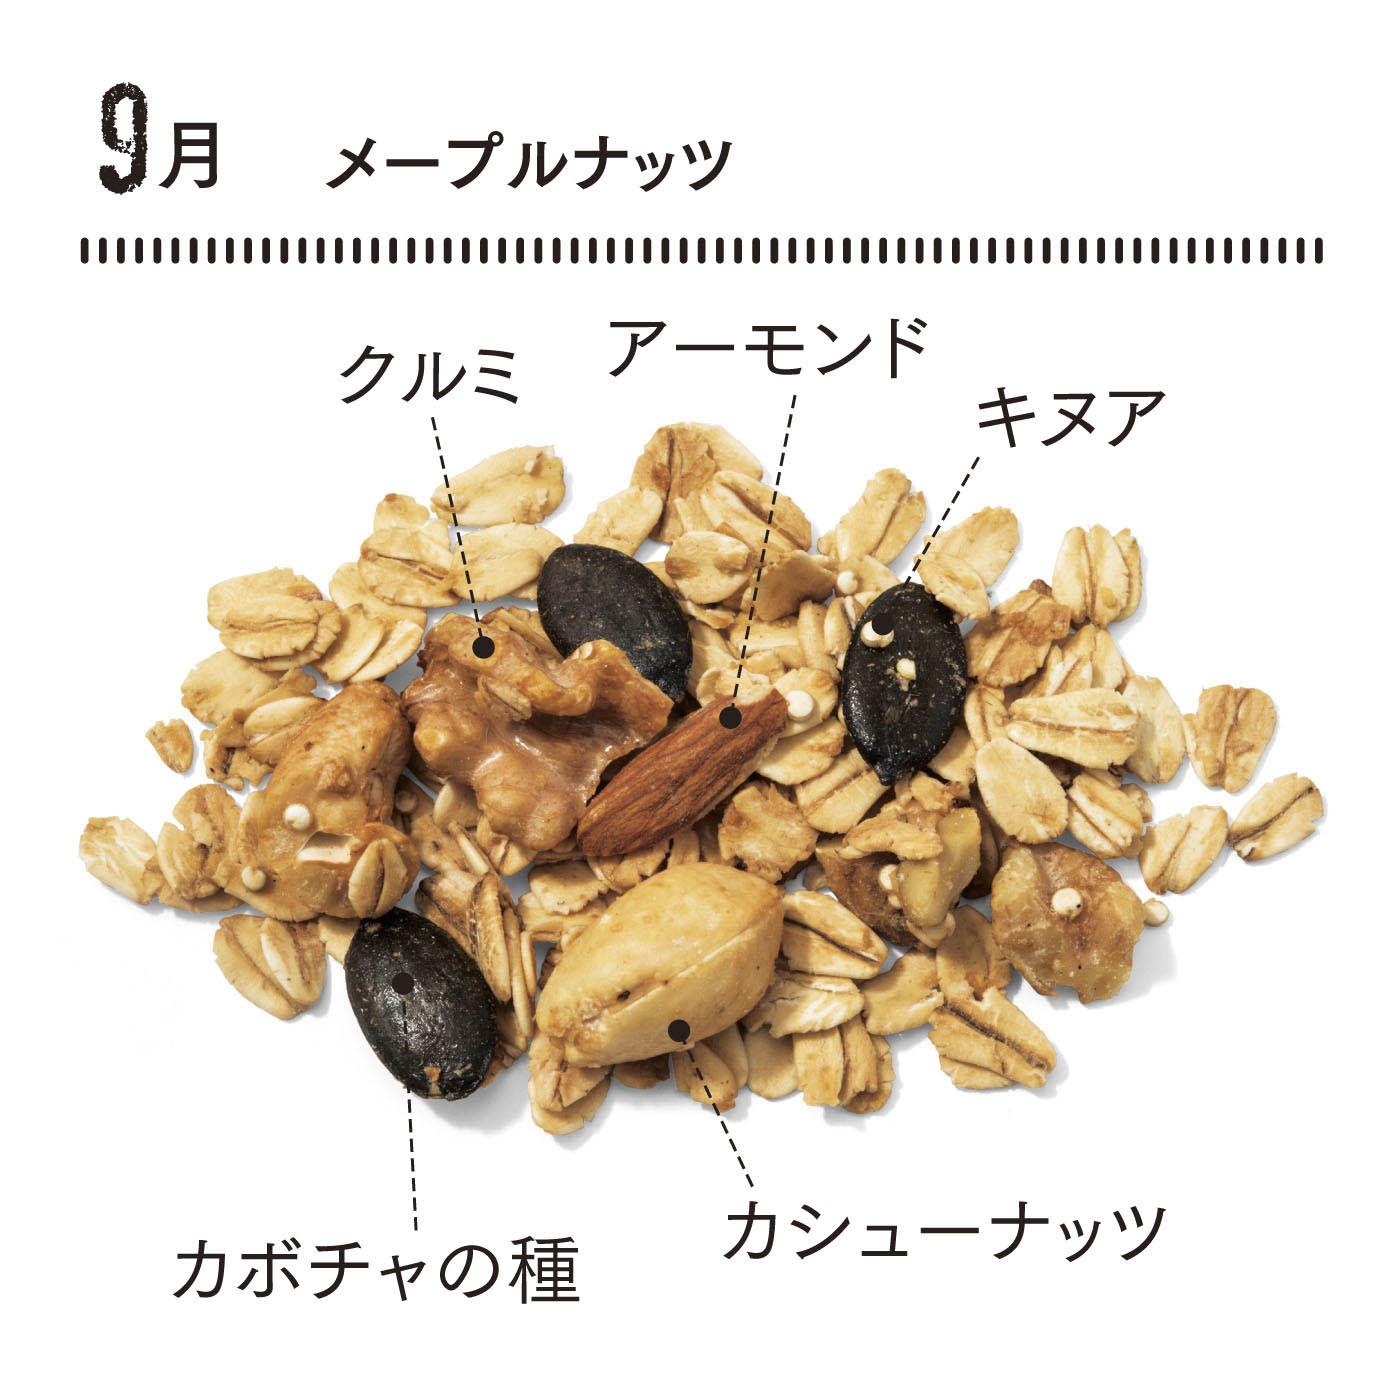 たっぷり入ったナッツとメープル、ブルーアガベのやさしい甘みがベストマッチ。ほのかにシナモンやカルダモンの香りも。